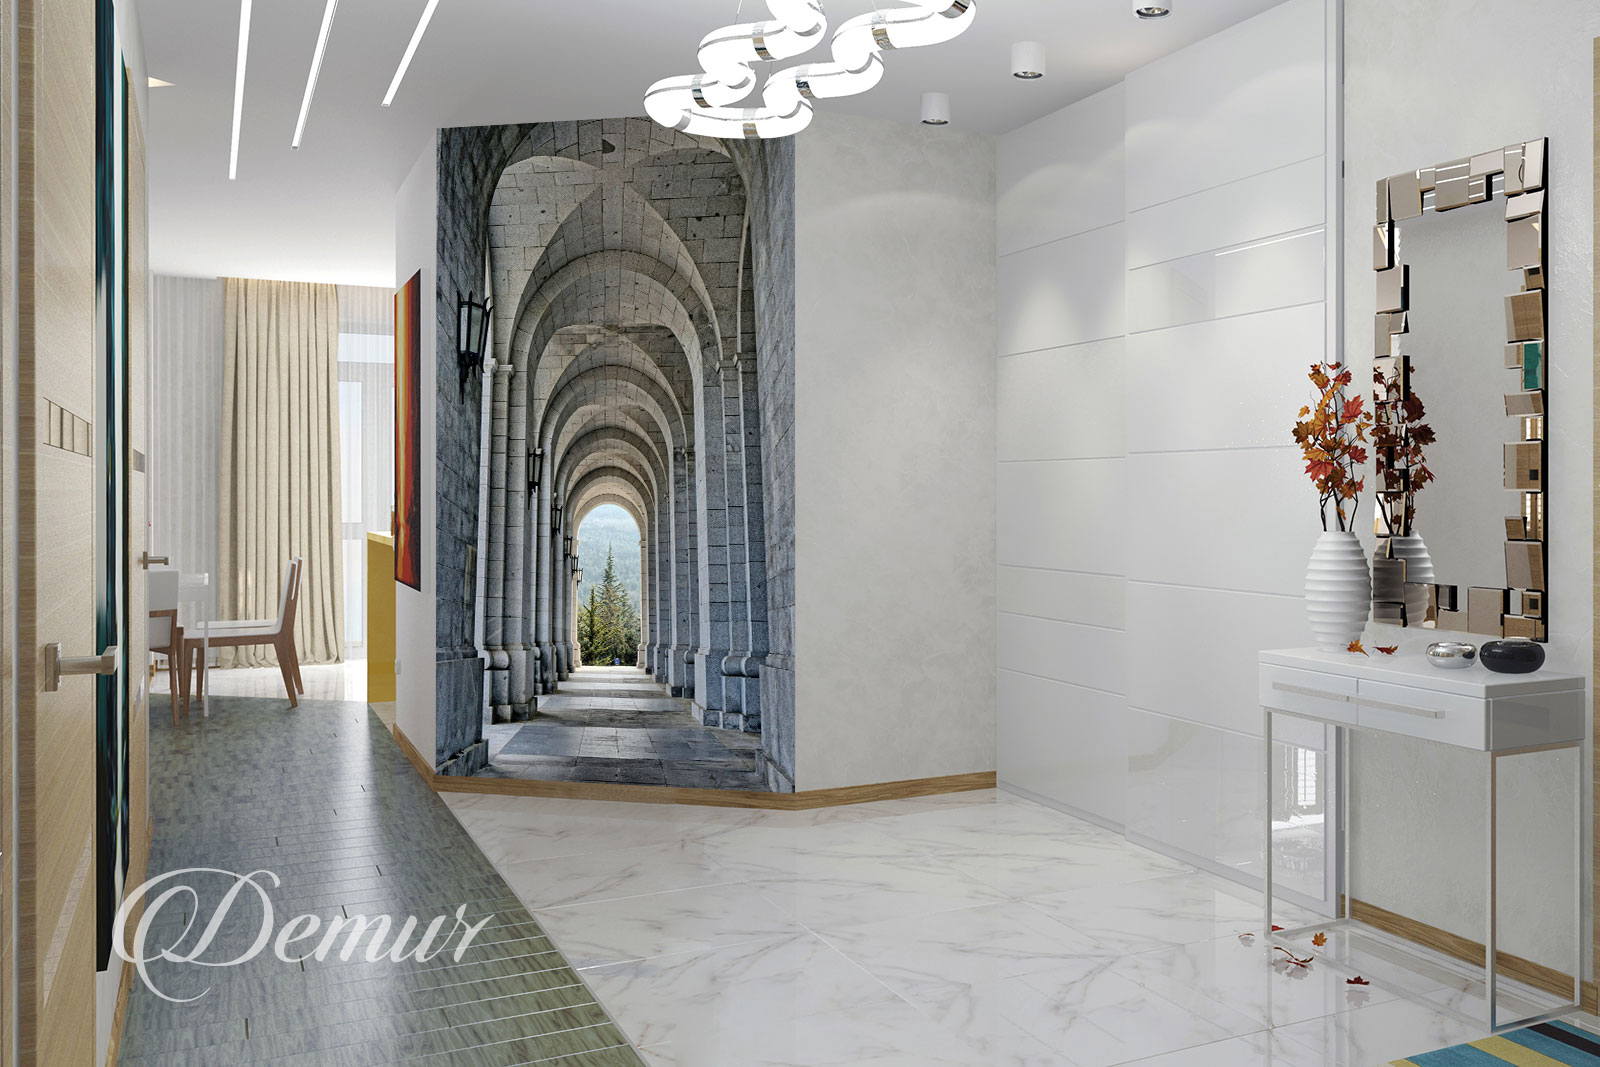 Fototapeta kolumnada - Pomysł na ścianę w korytarzu - Demur